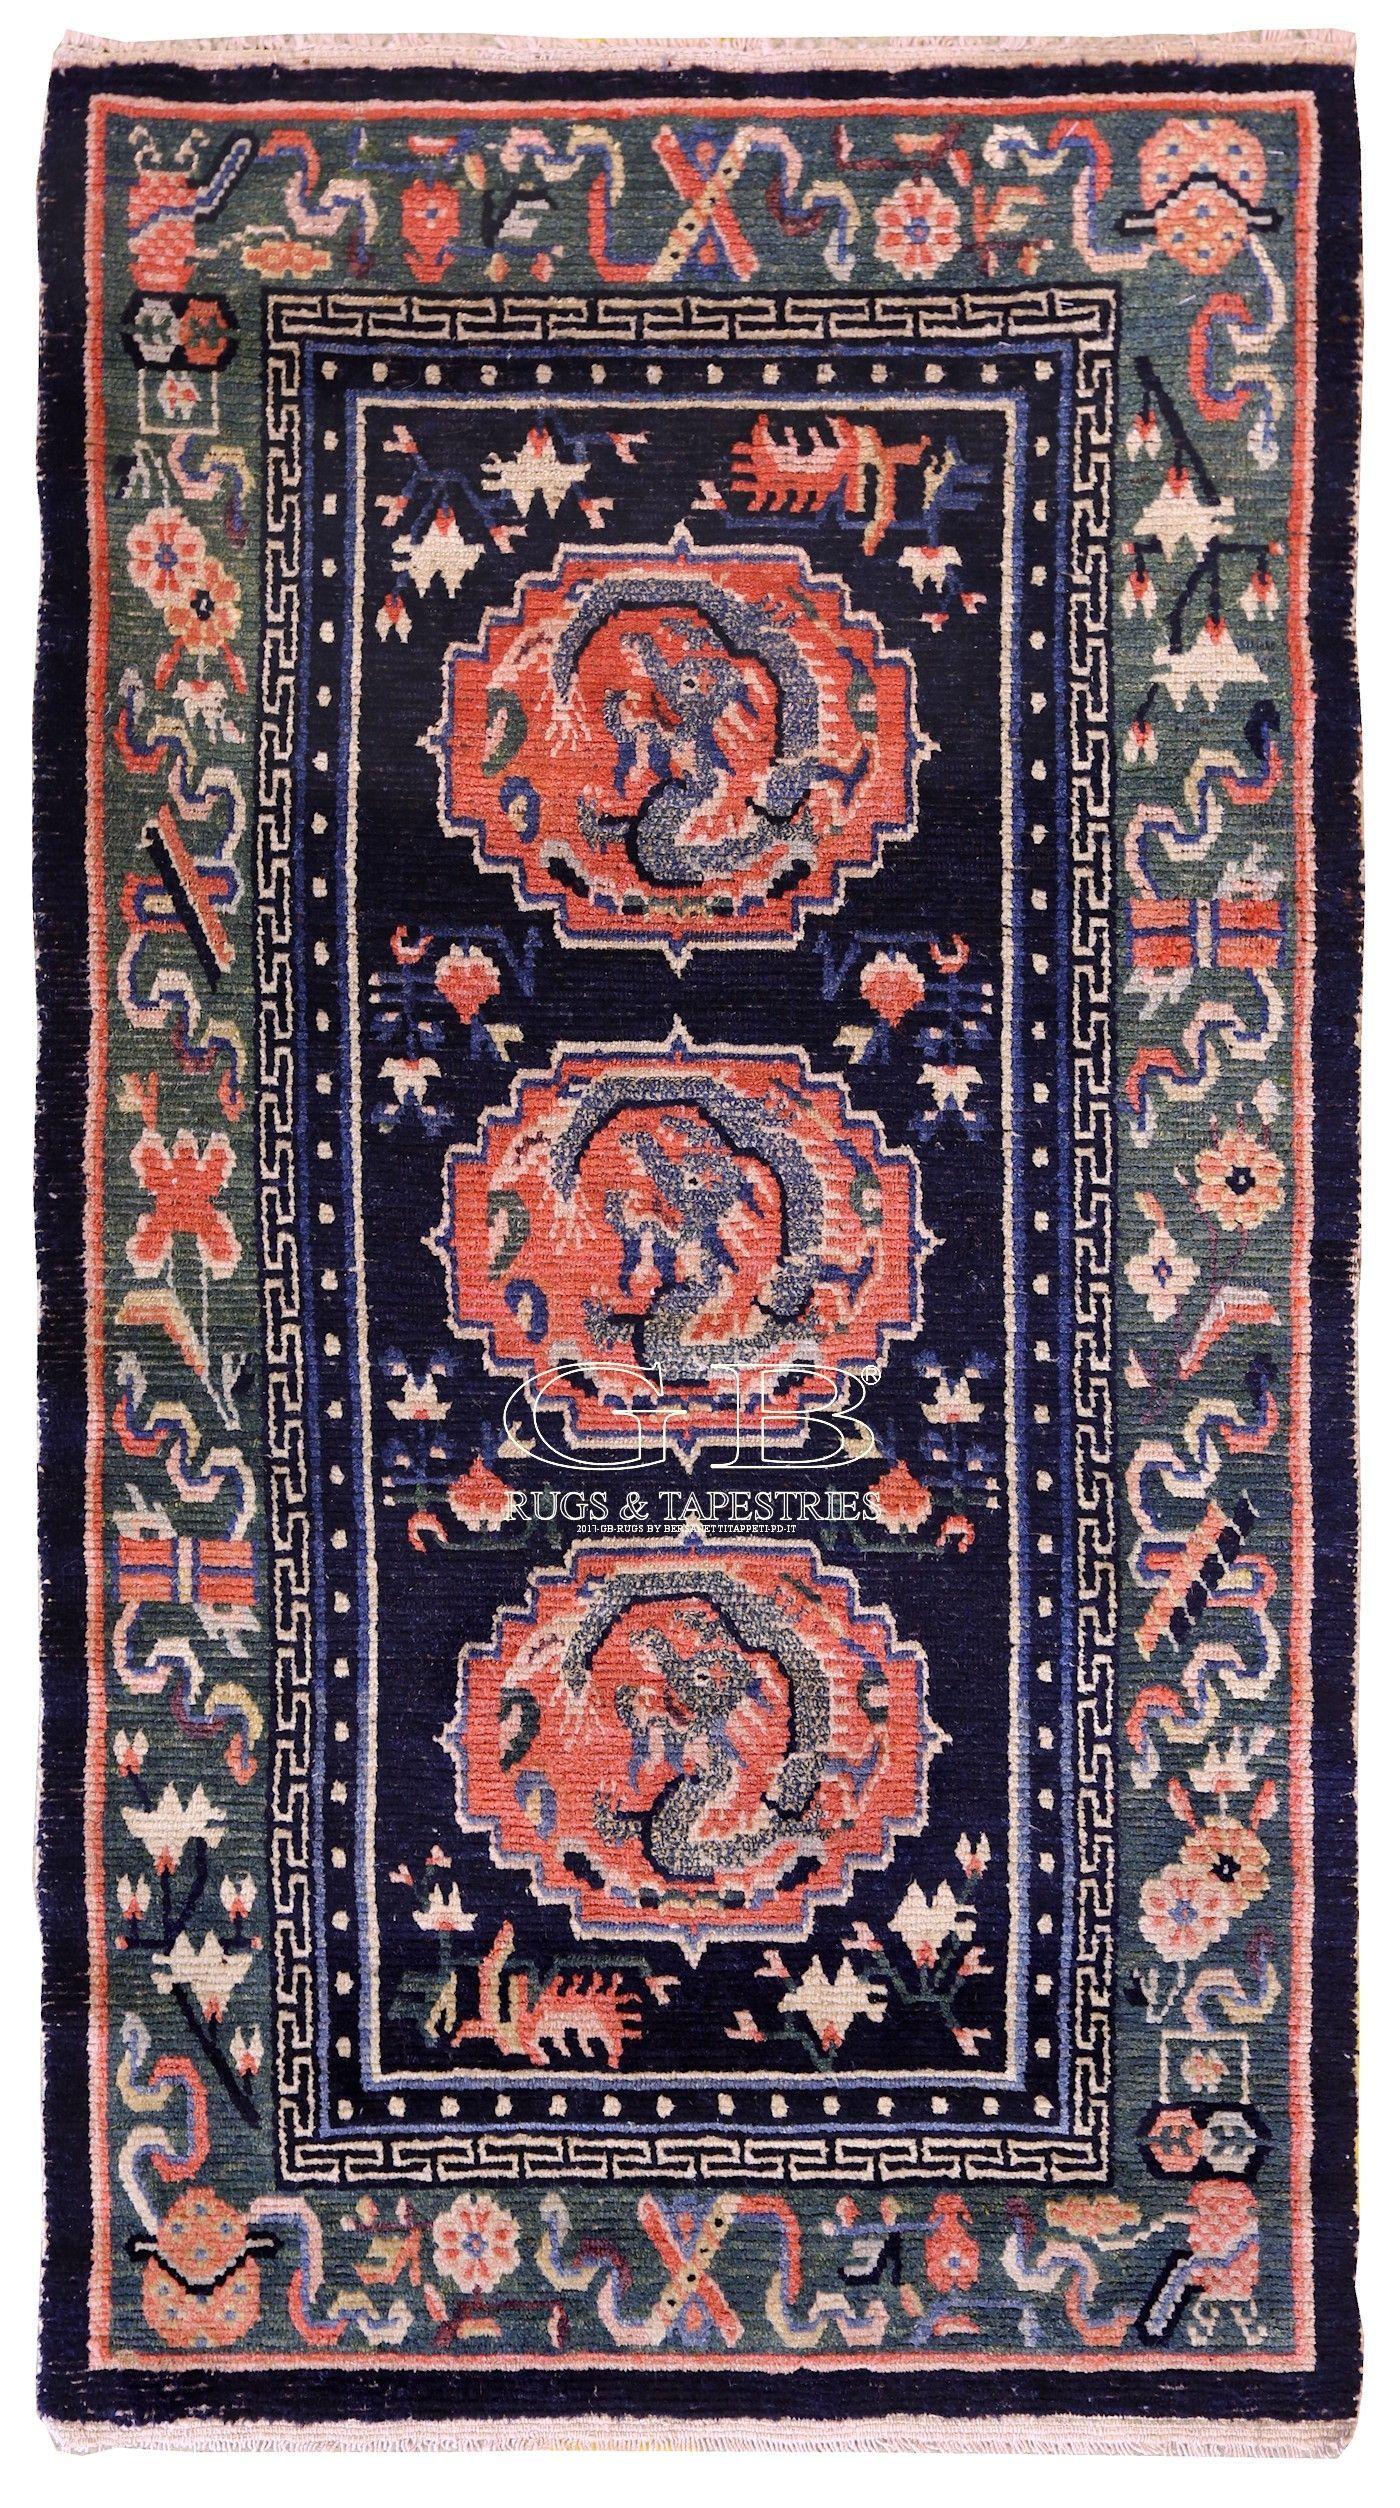 Tappeto tibetano antico (con immagini) Tappeti, Tappeti